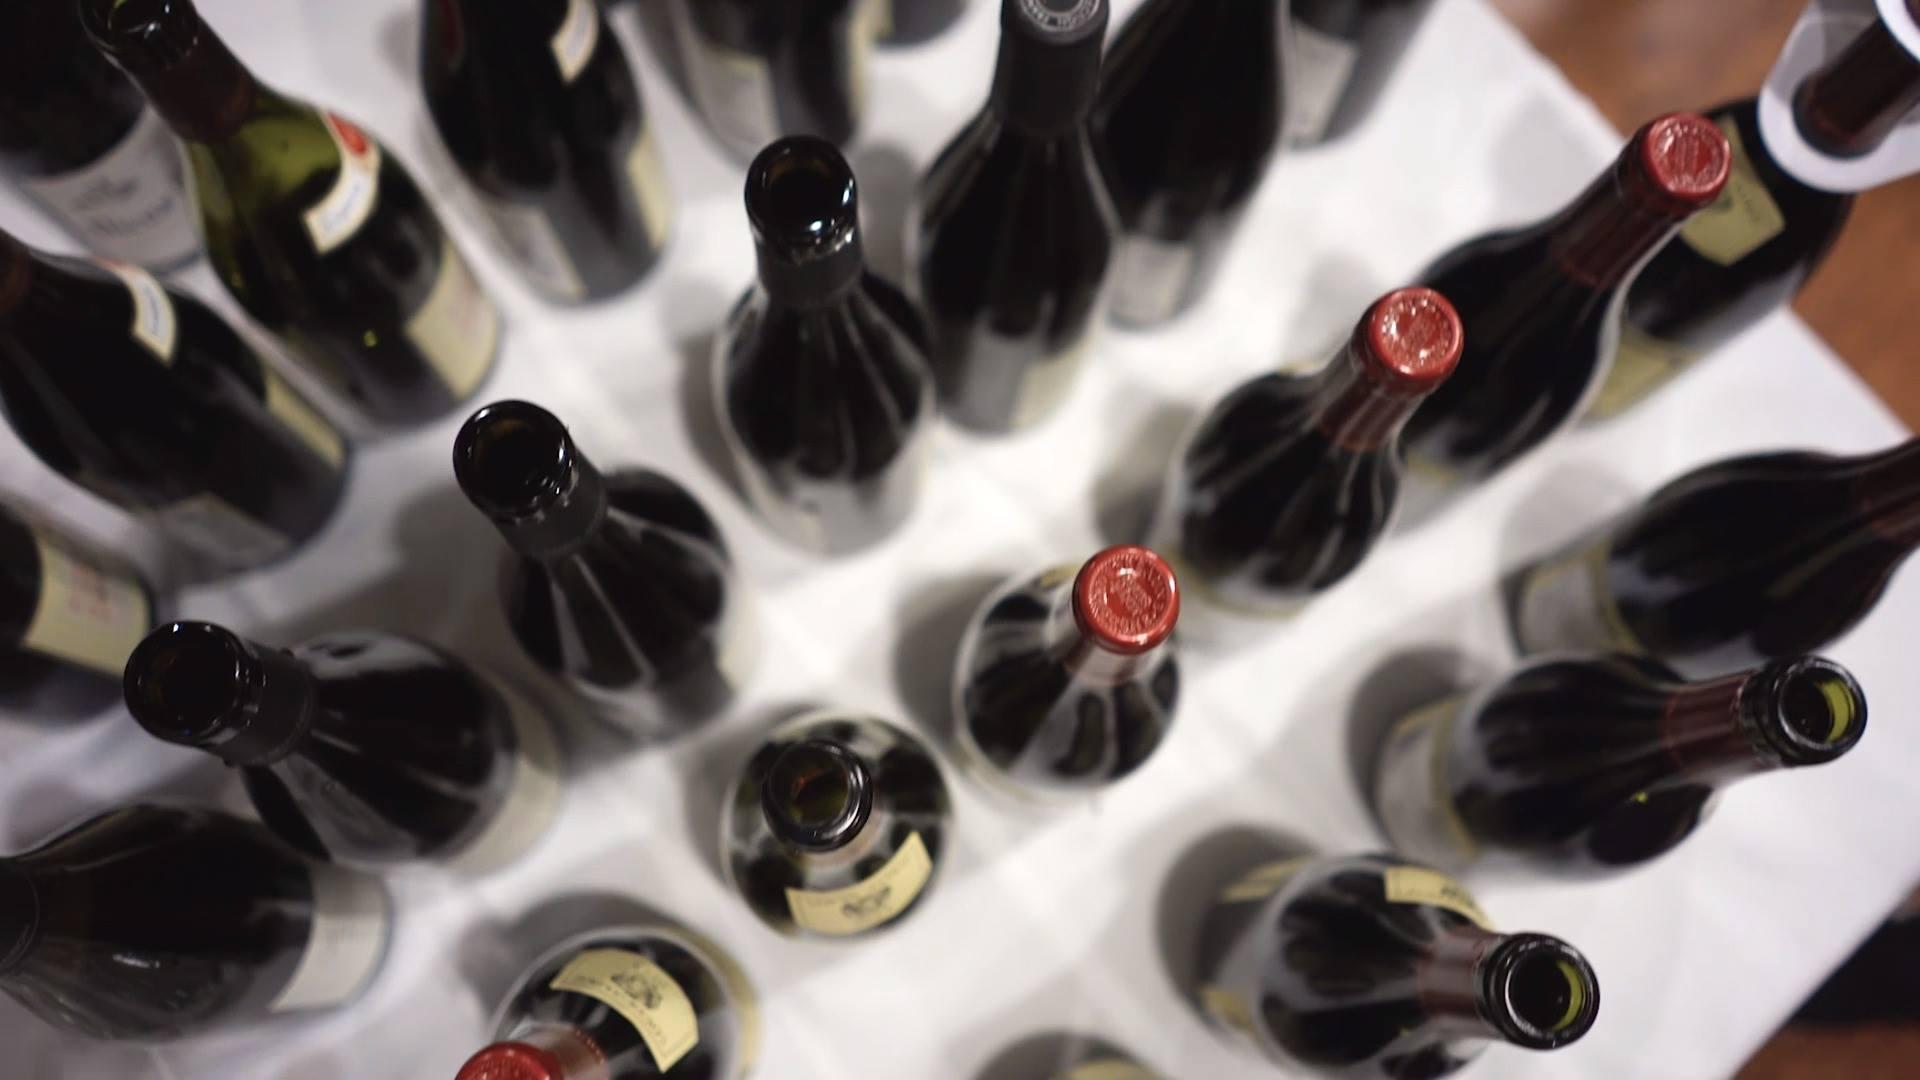 דרך היין צילום אירוע פתיחה